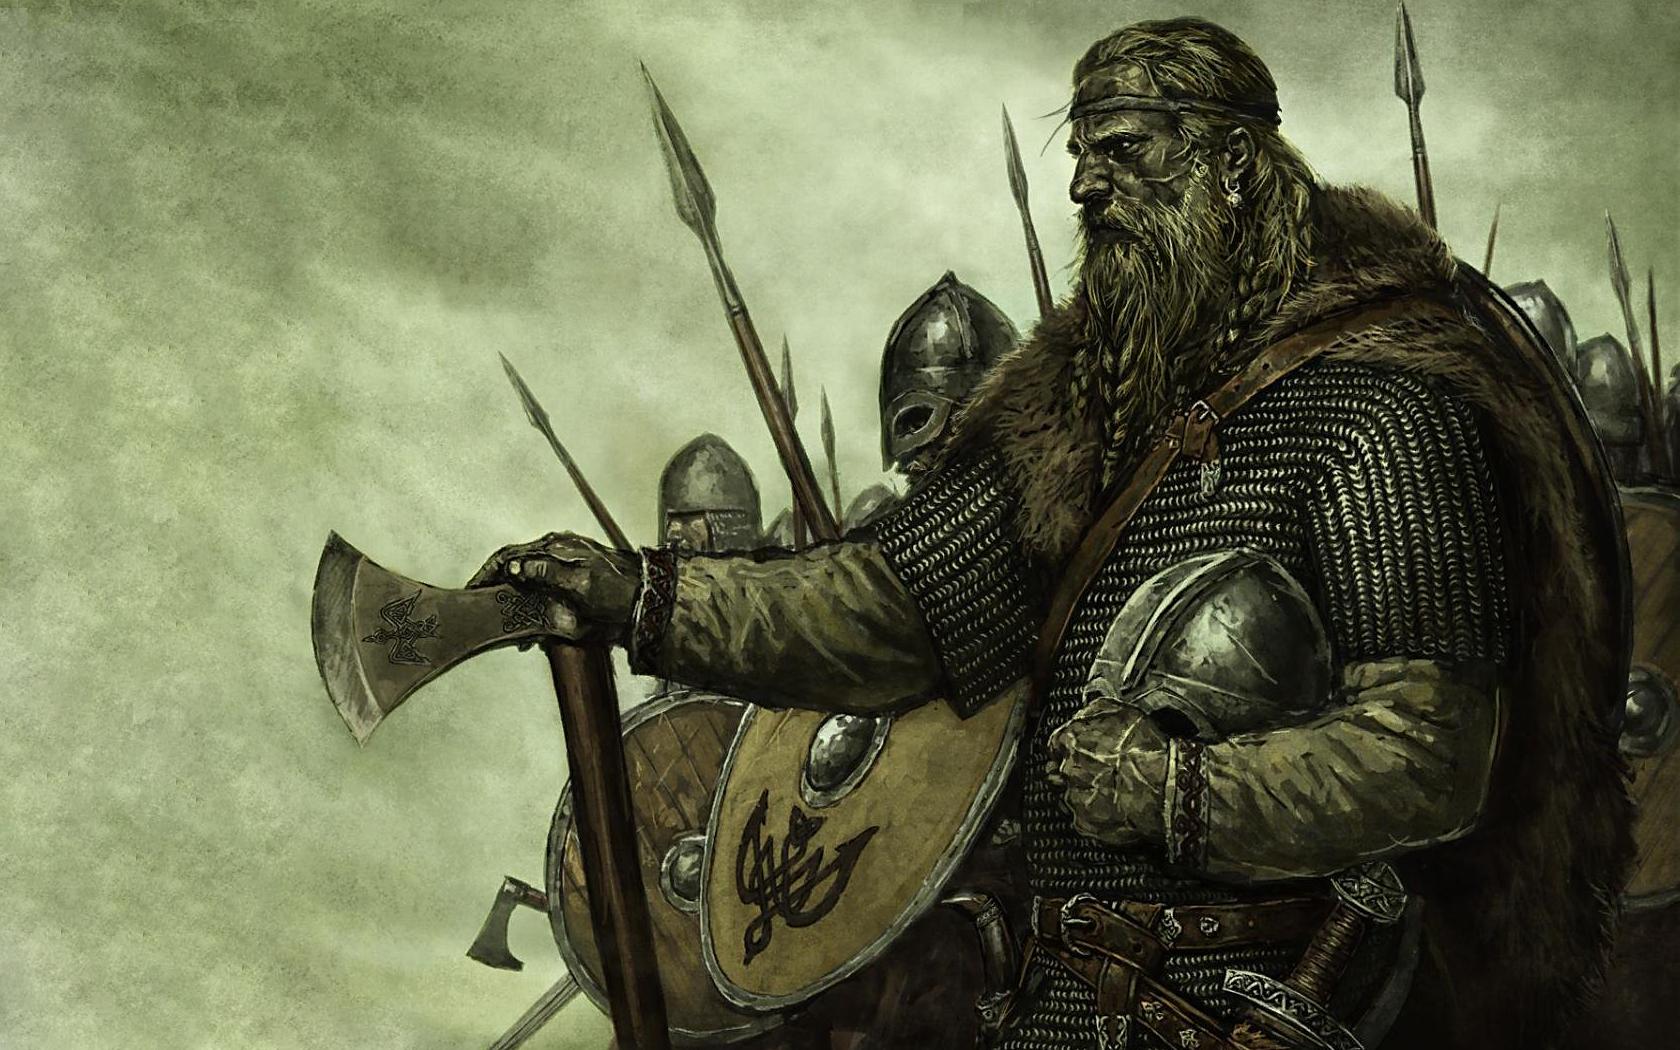 Vikings Wallpaper 1680x1050 Vikings 1680x1050